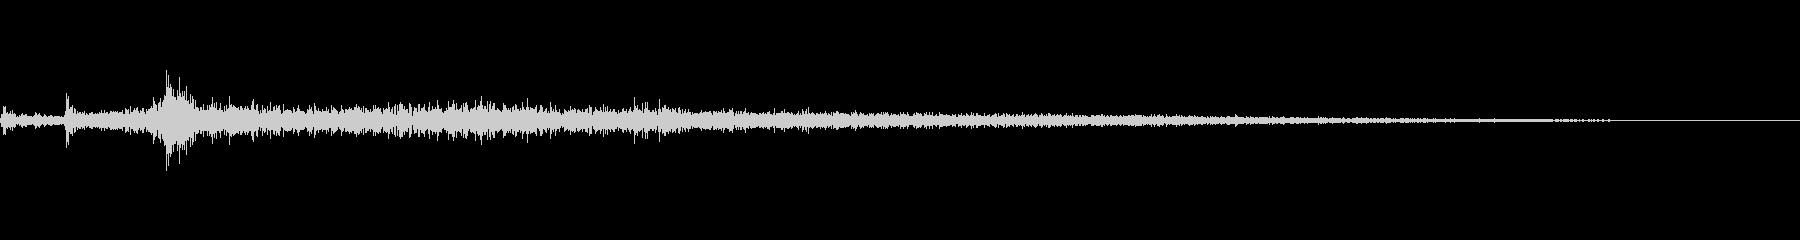 ザバーン(水辺に飛び込む音)の未再生の波形